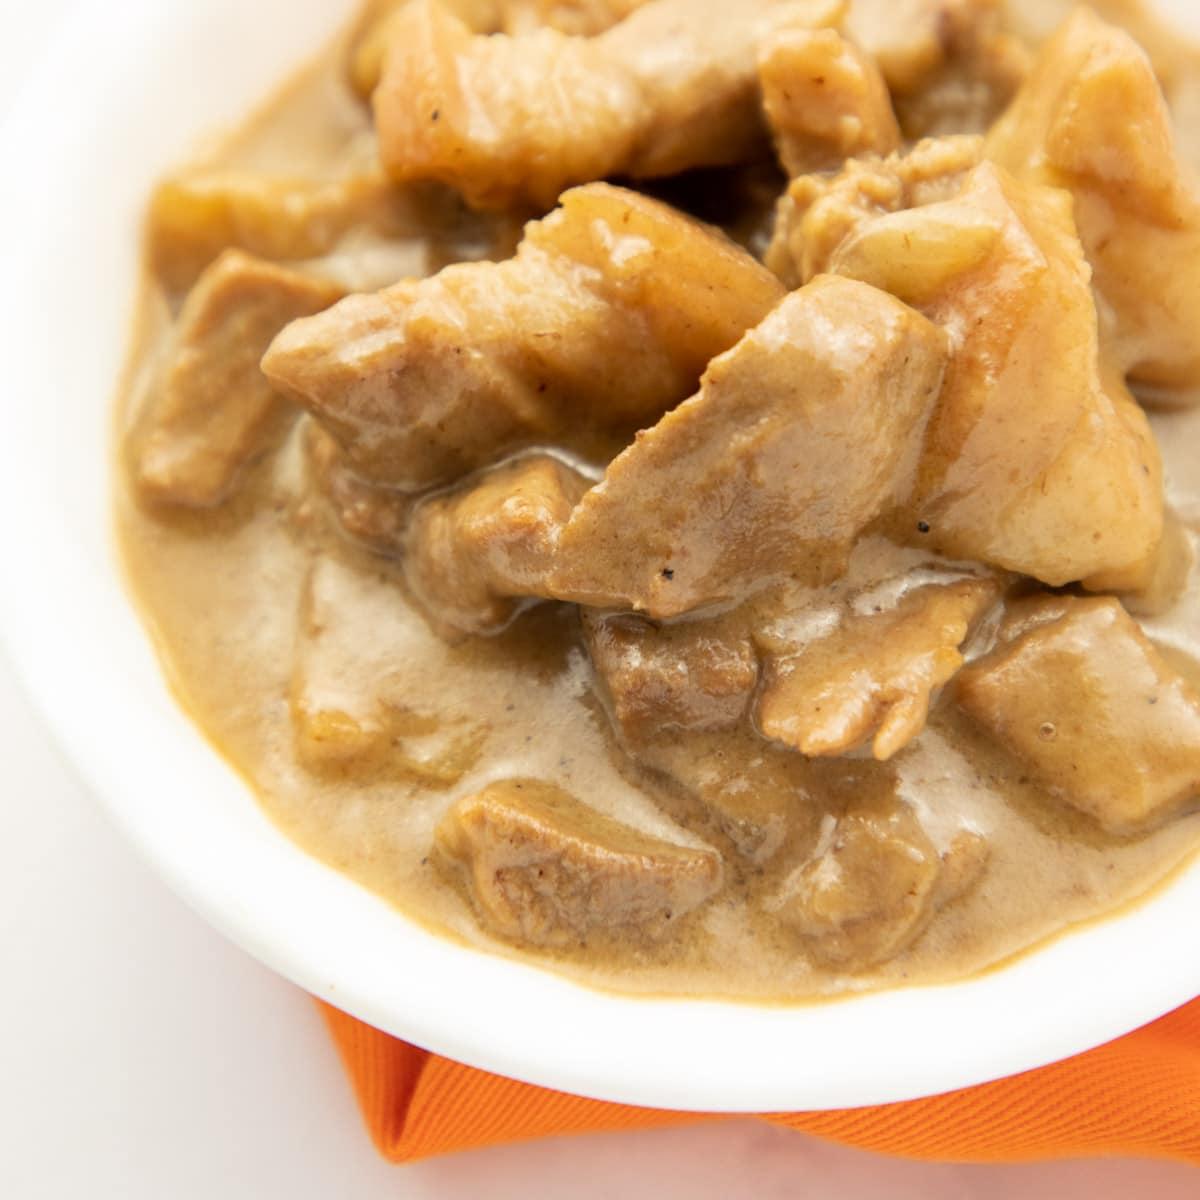 Pork in coconut milk on white bowl